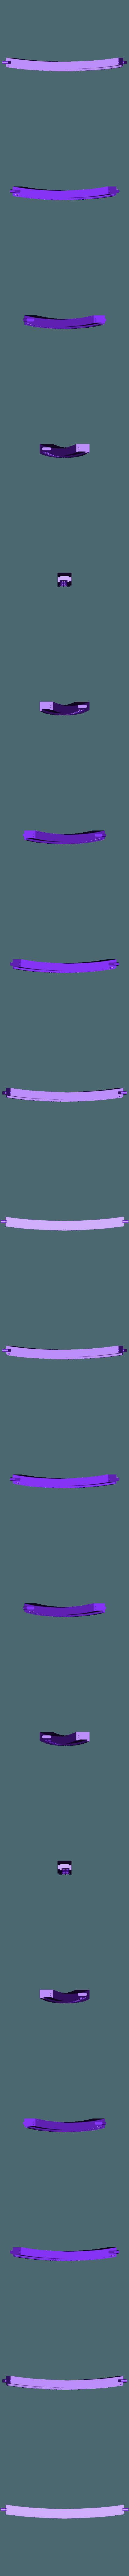 13.STL Télécharger fichier STL gratuit chaise renaissance • Plan pour imprimante 3D, 3DPrinterFiles